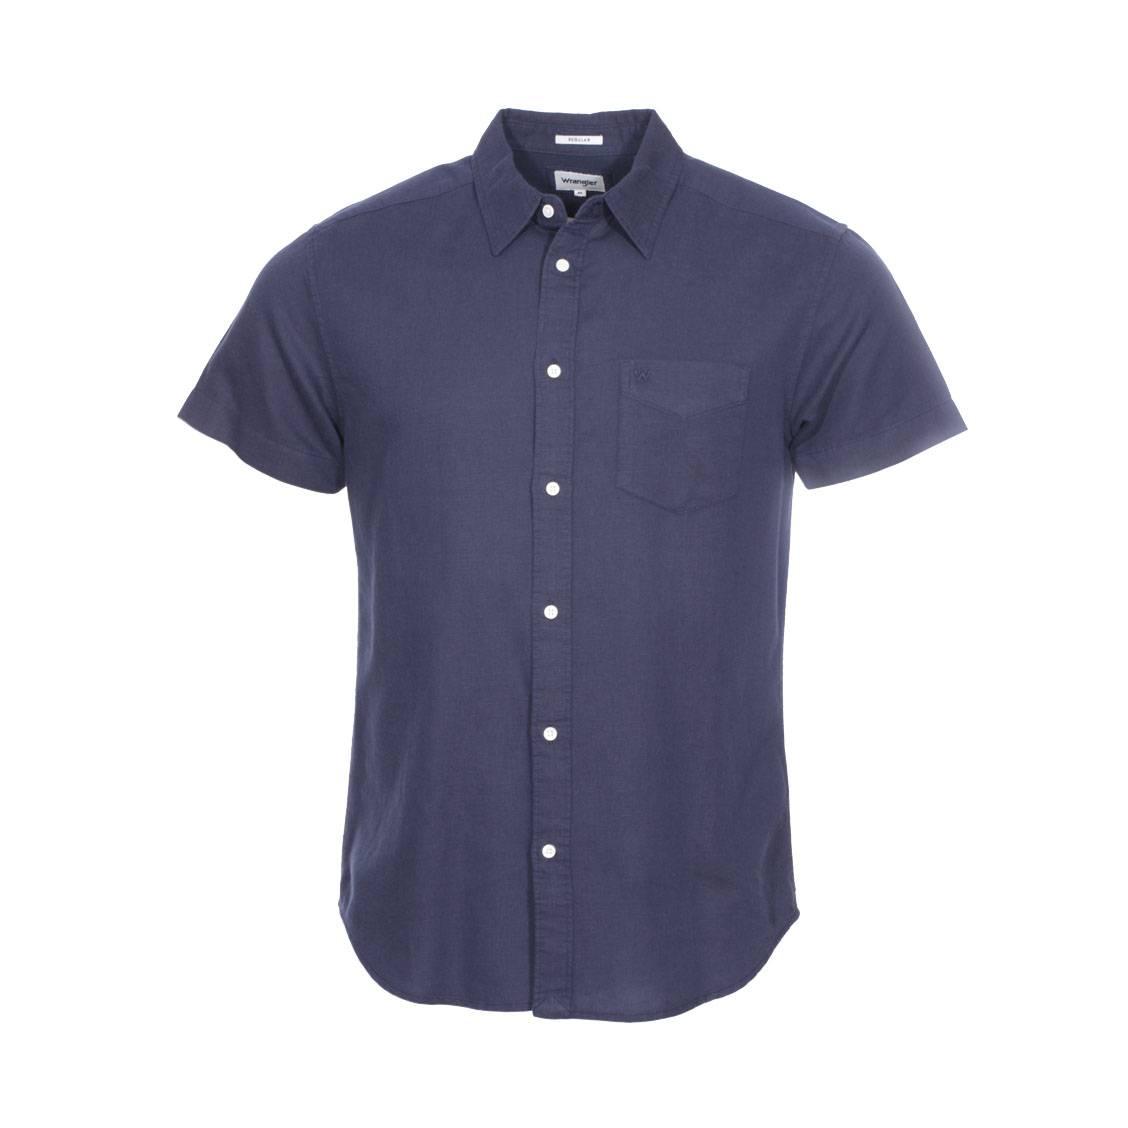 Chemise ajustée manches courtes  en lin et coton bleu marine